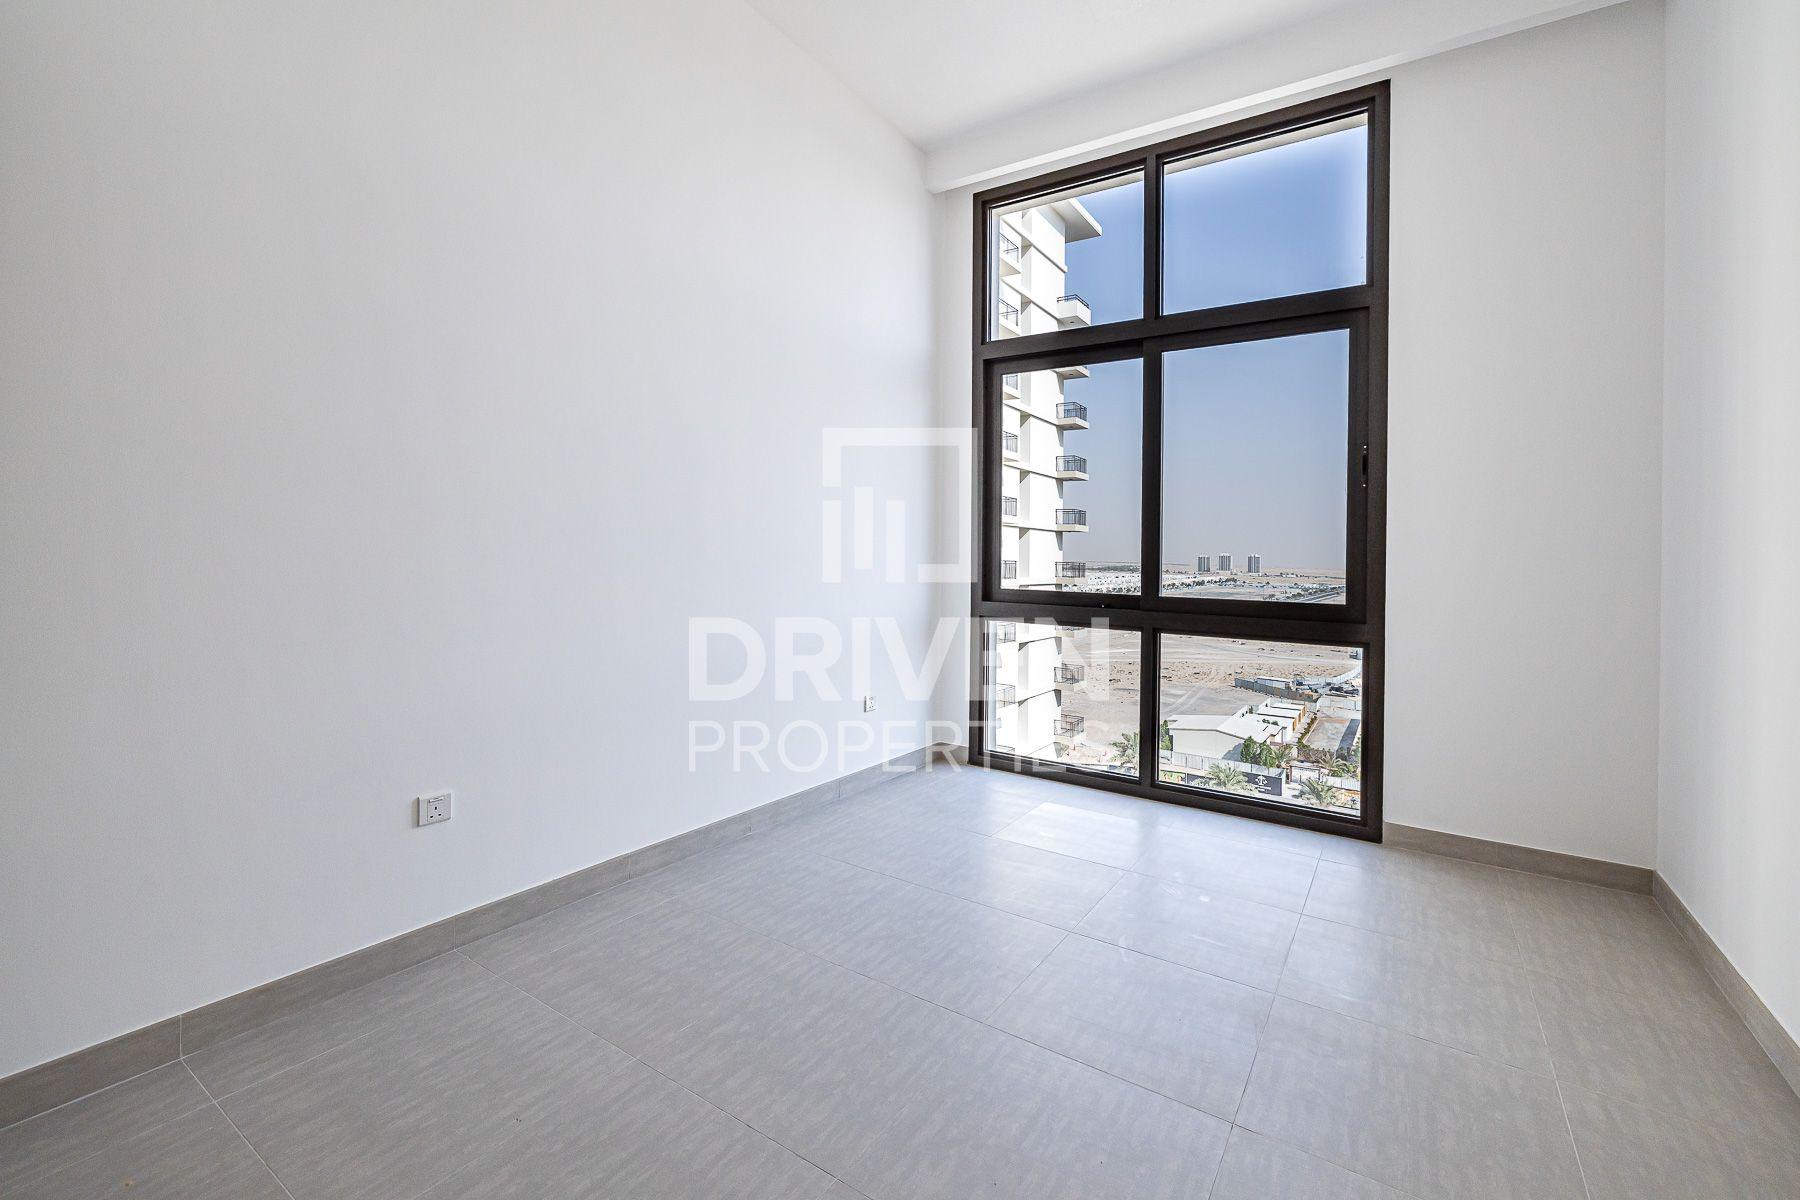 للايجار - شقة -  - تاون سكوار